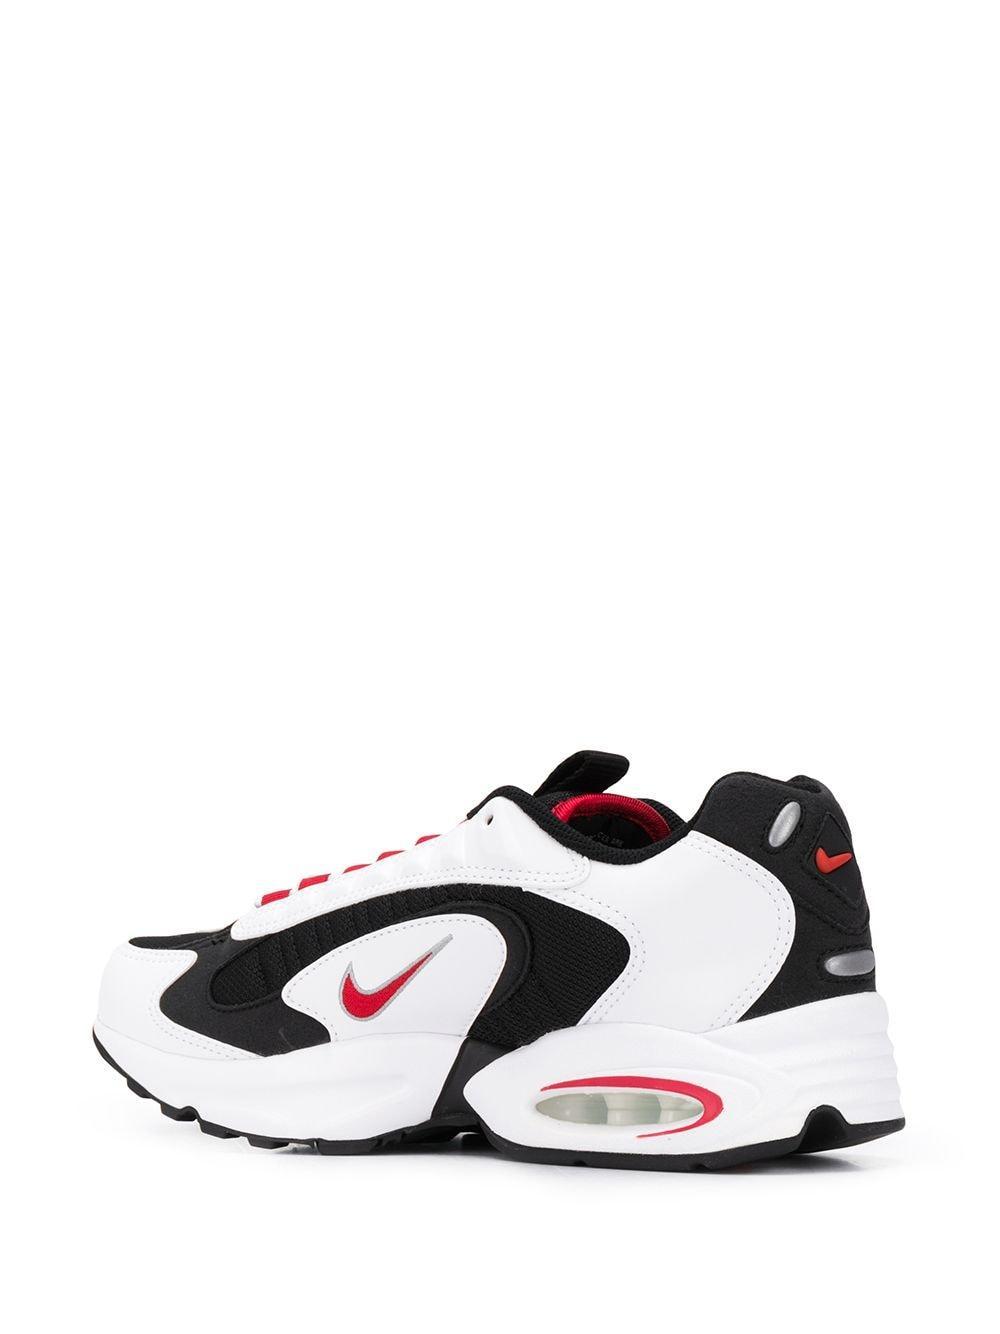 Baskets Air Max Triax 96 Caoutchouc Nike pour homme en coloris Noir ai4l